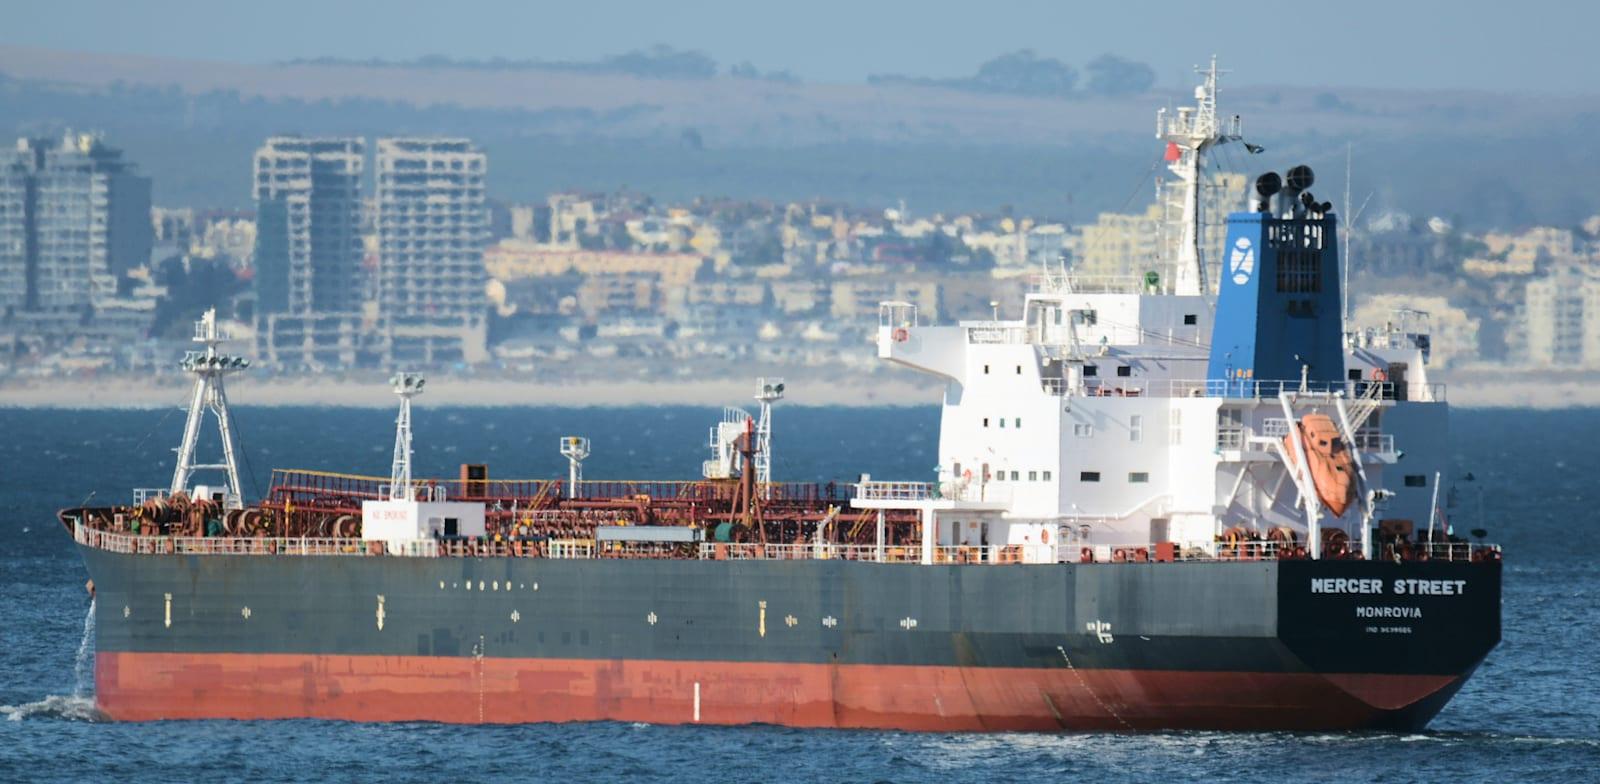 מיכלית הנפט Mercer Street, שהותקפה ביום שישי האחרון / צילום: Associated Press, Johan Victor